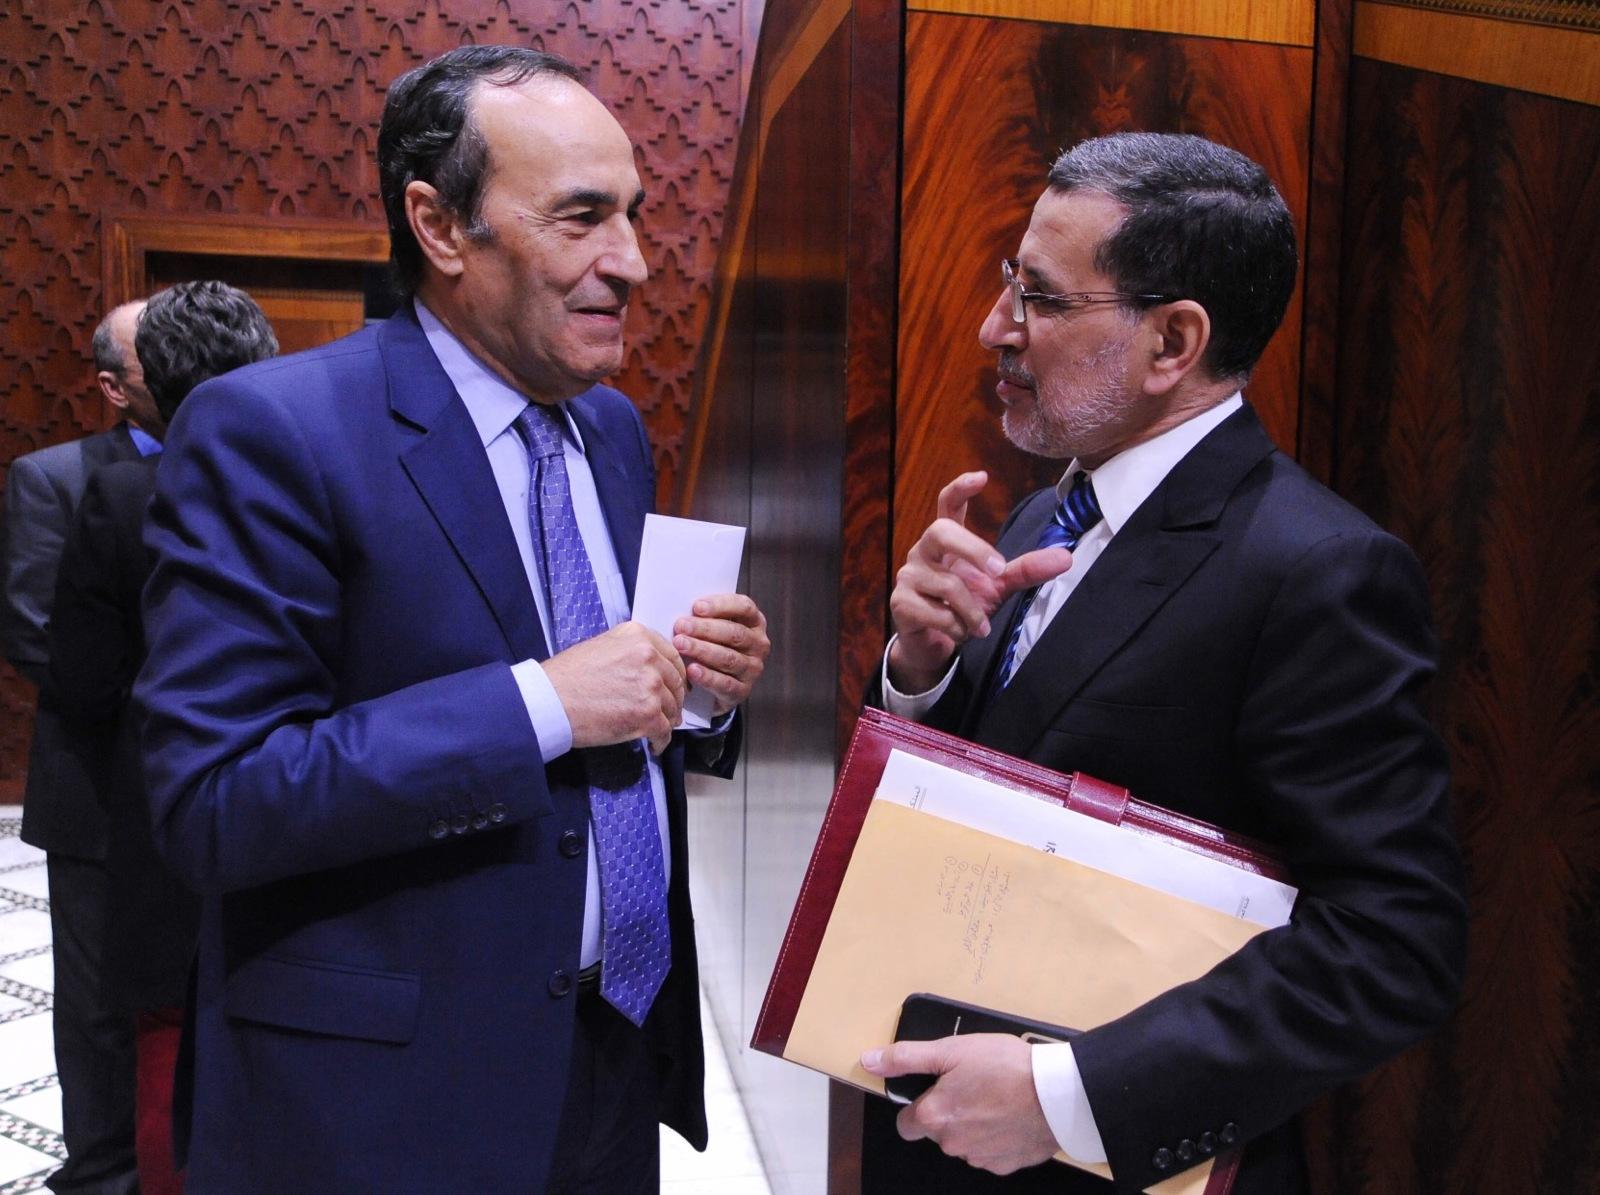 هل يعيد النواب انتخاب المالكي رئيسا للمجلس رغم حصول حزبه على 17 مقعد فقط